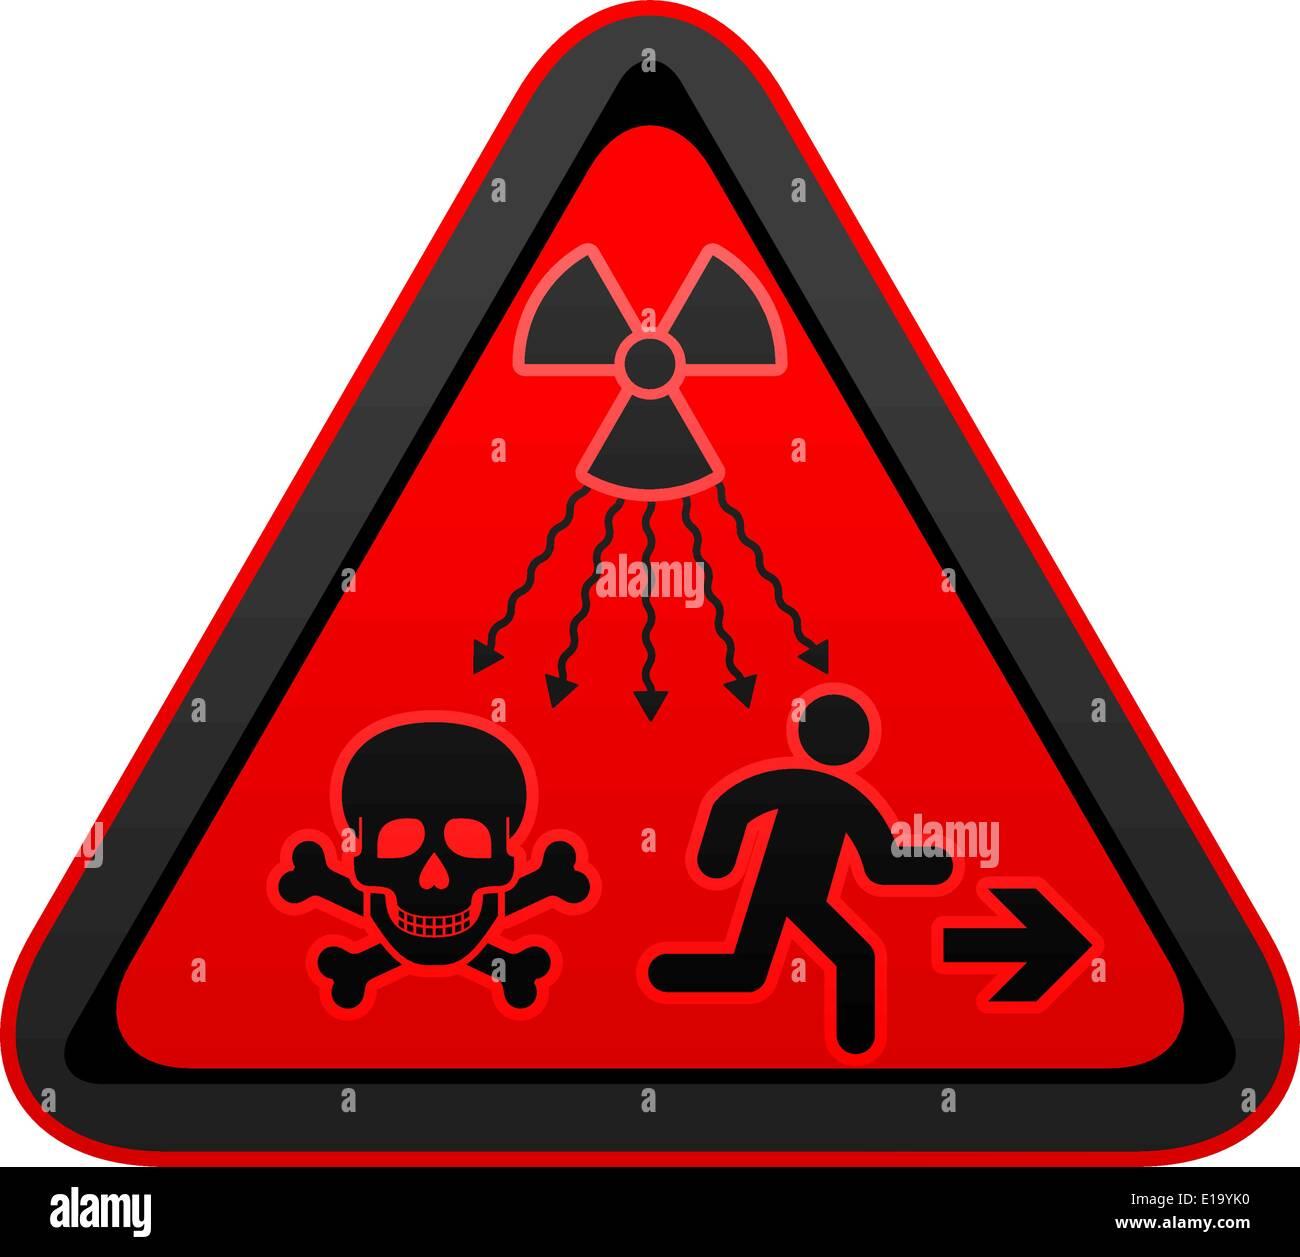 Ionizing Radiation Risk Stock Photos Ionizing Radiation Risk Stock